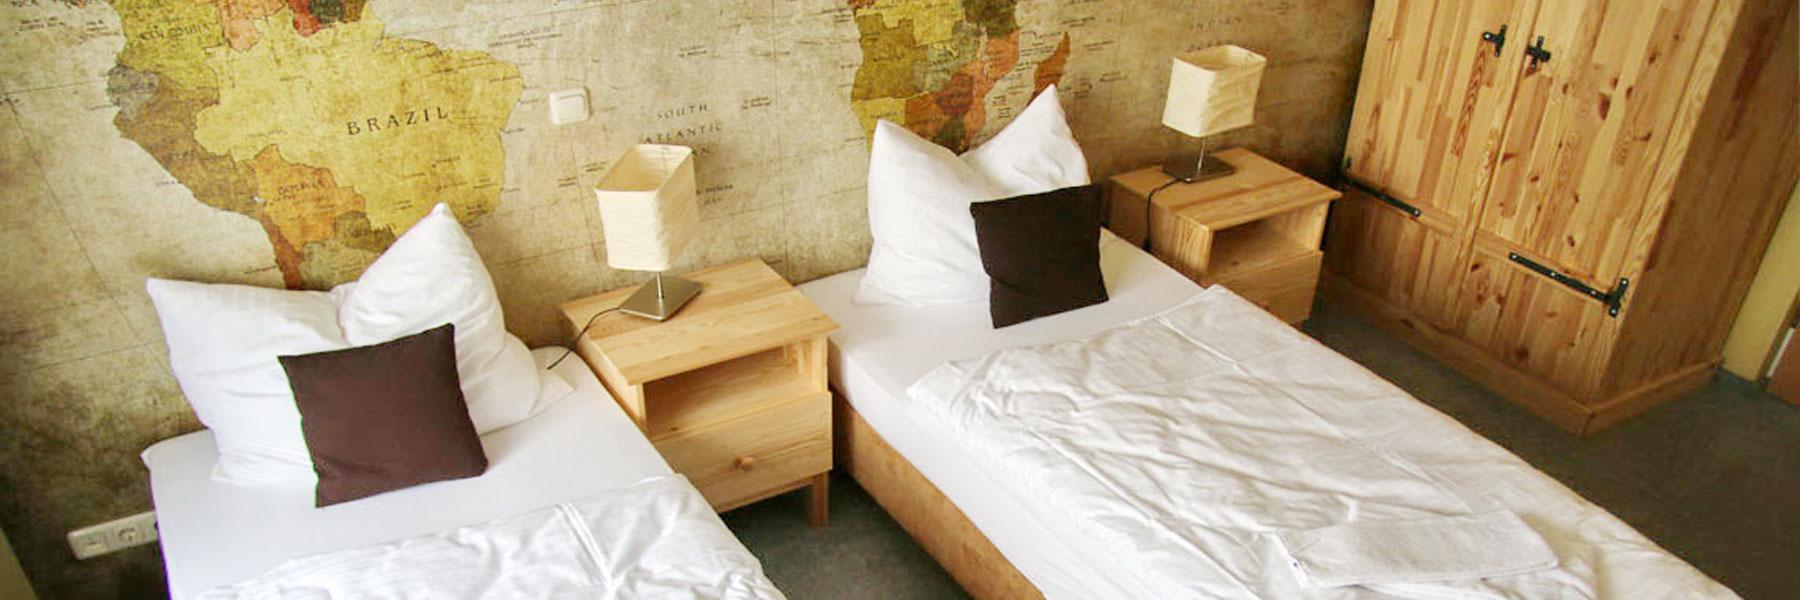 Zimmer mit Einzelbetten - Casilino Hotel A24 Wittenburg